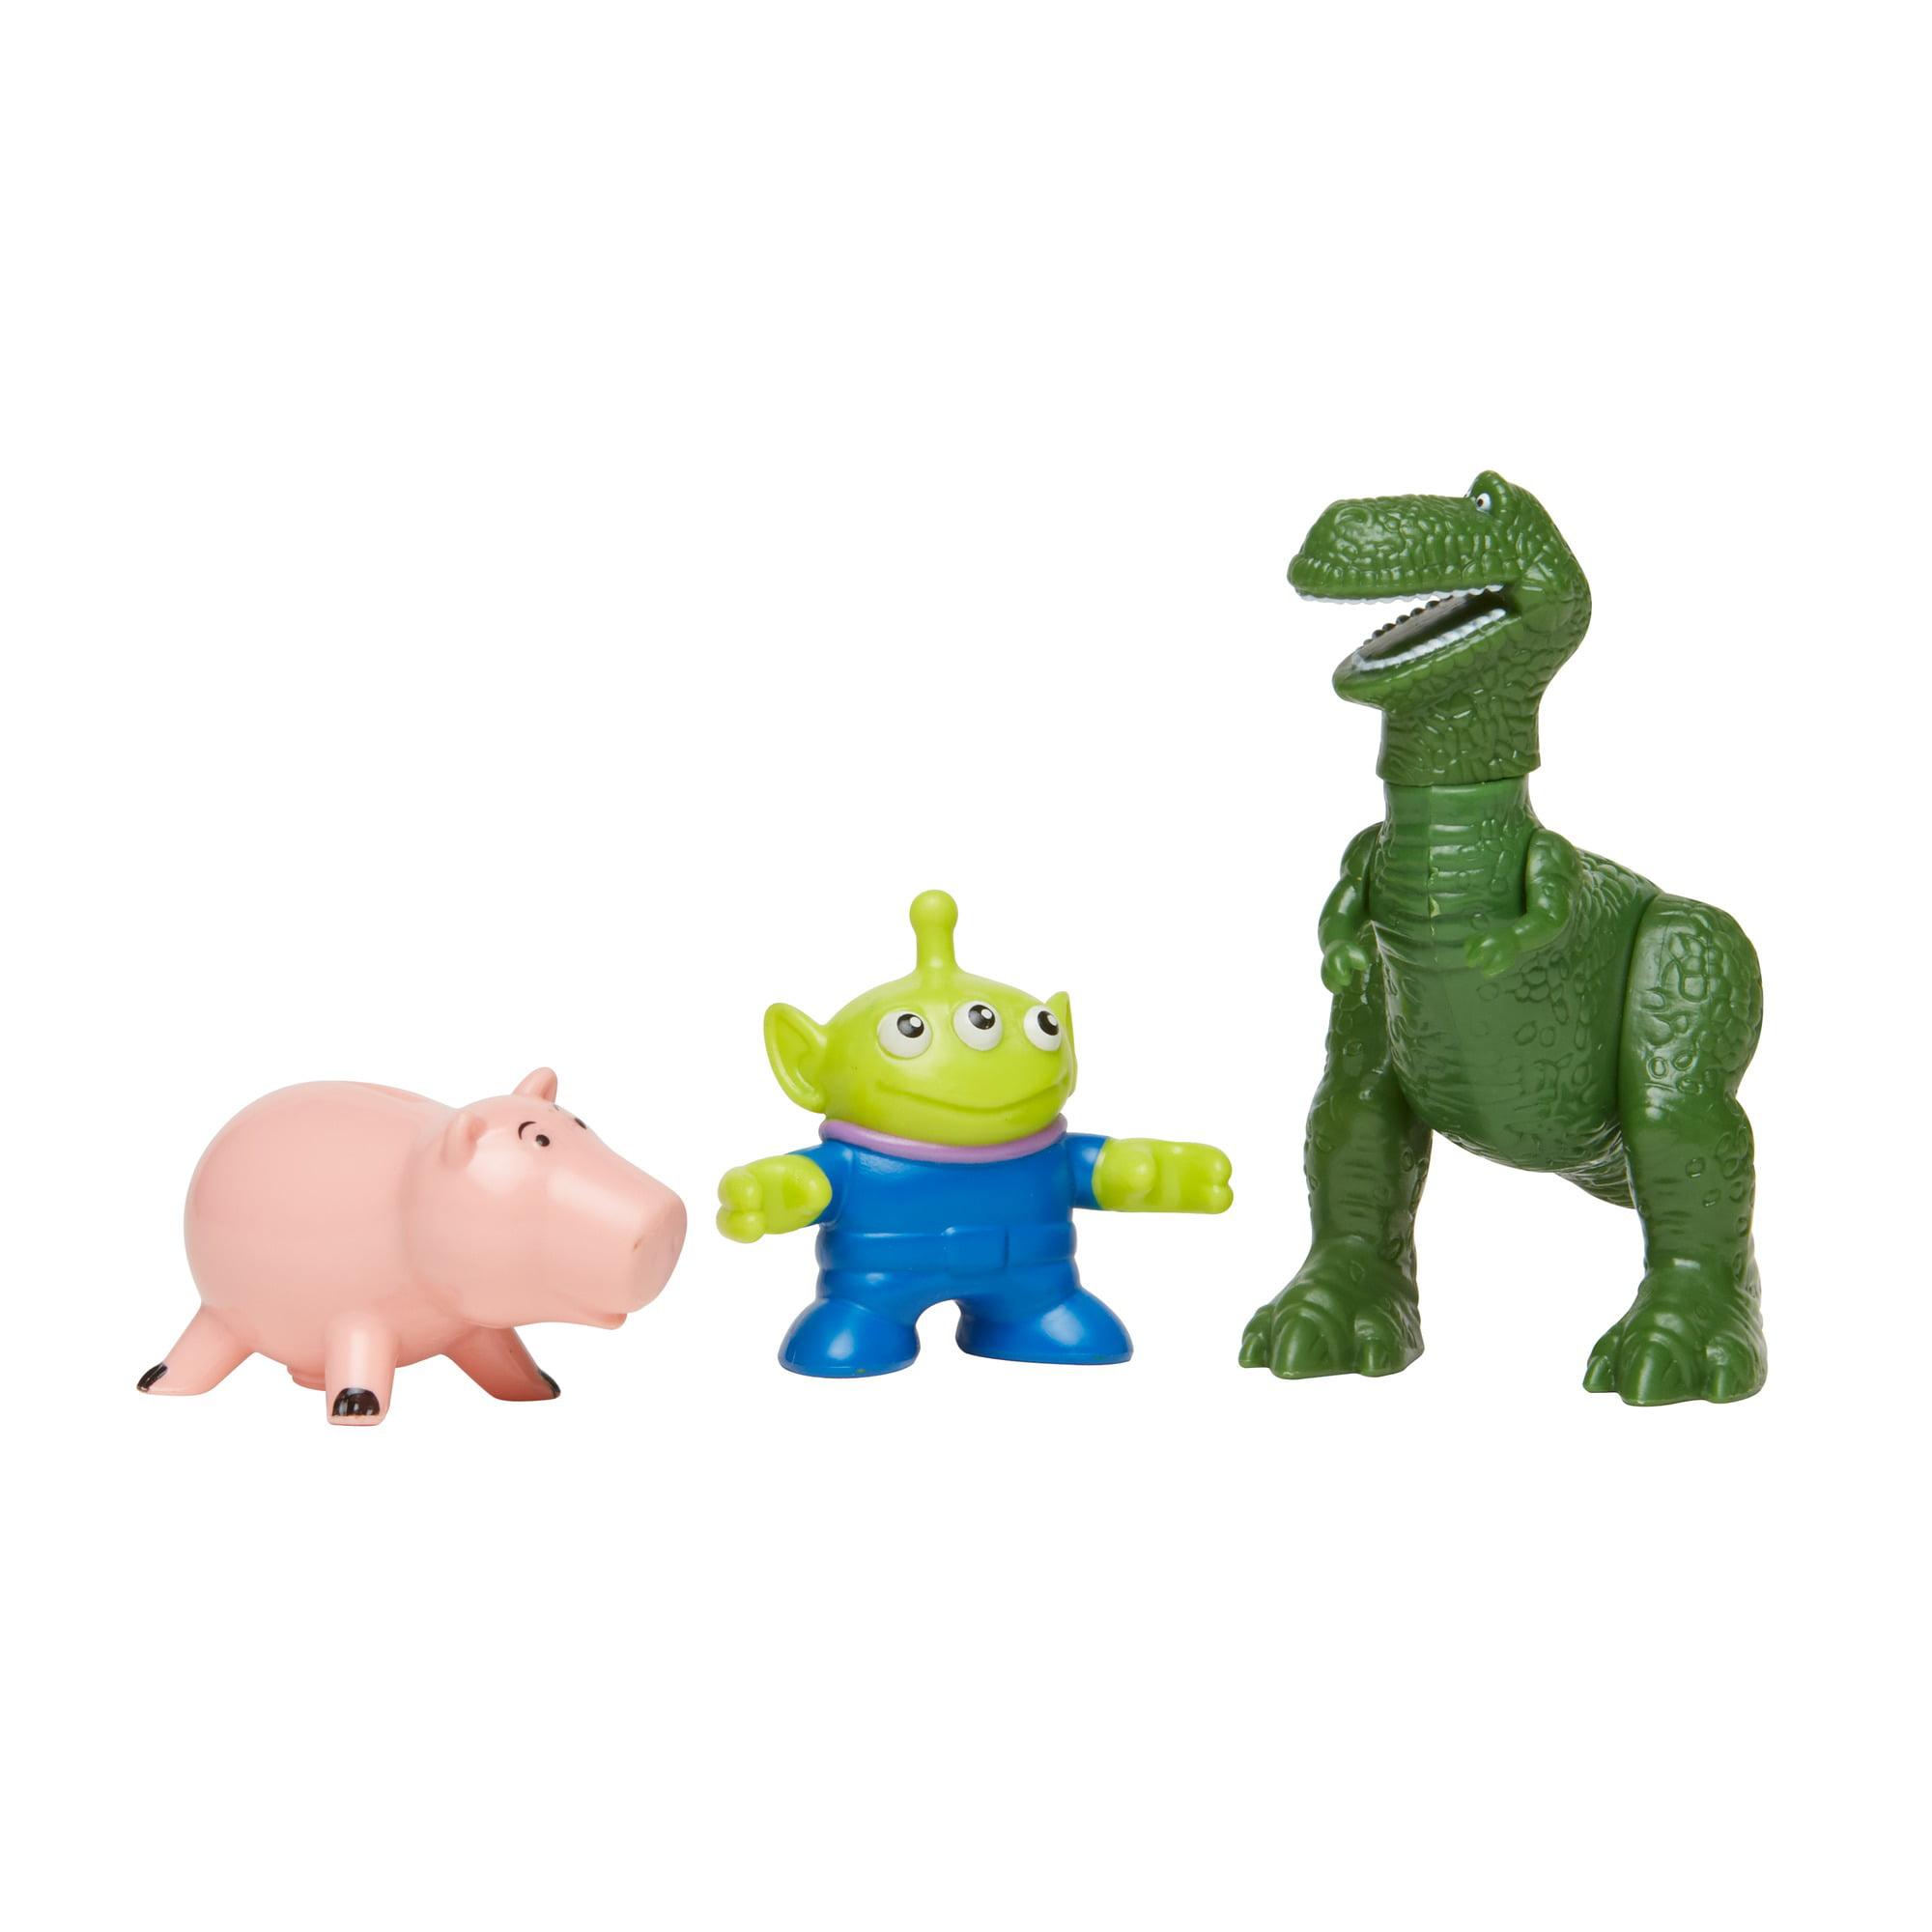 Imaginext Disney/Pixar Toy Story 4 Rex, Ham, & Alien Character Figures